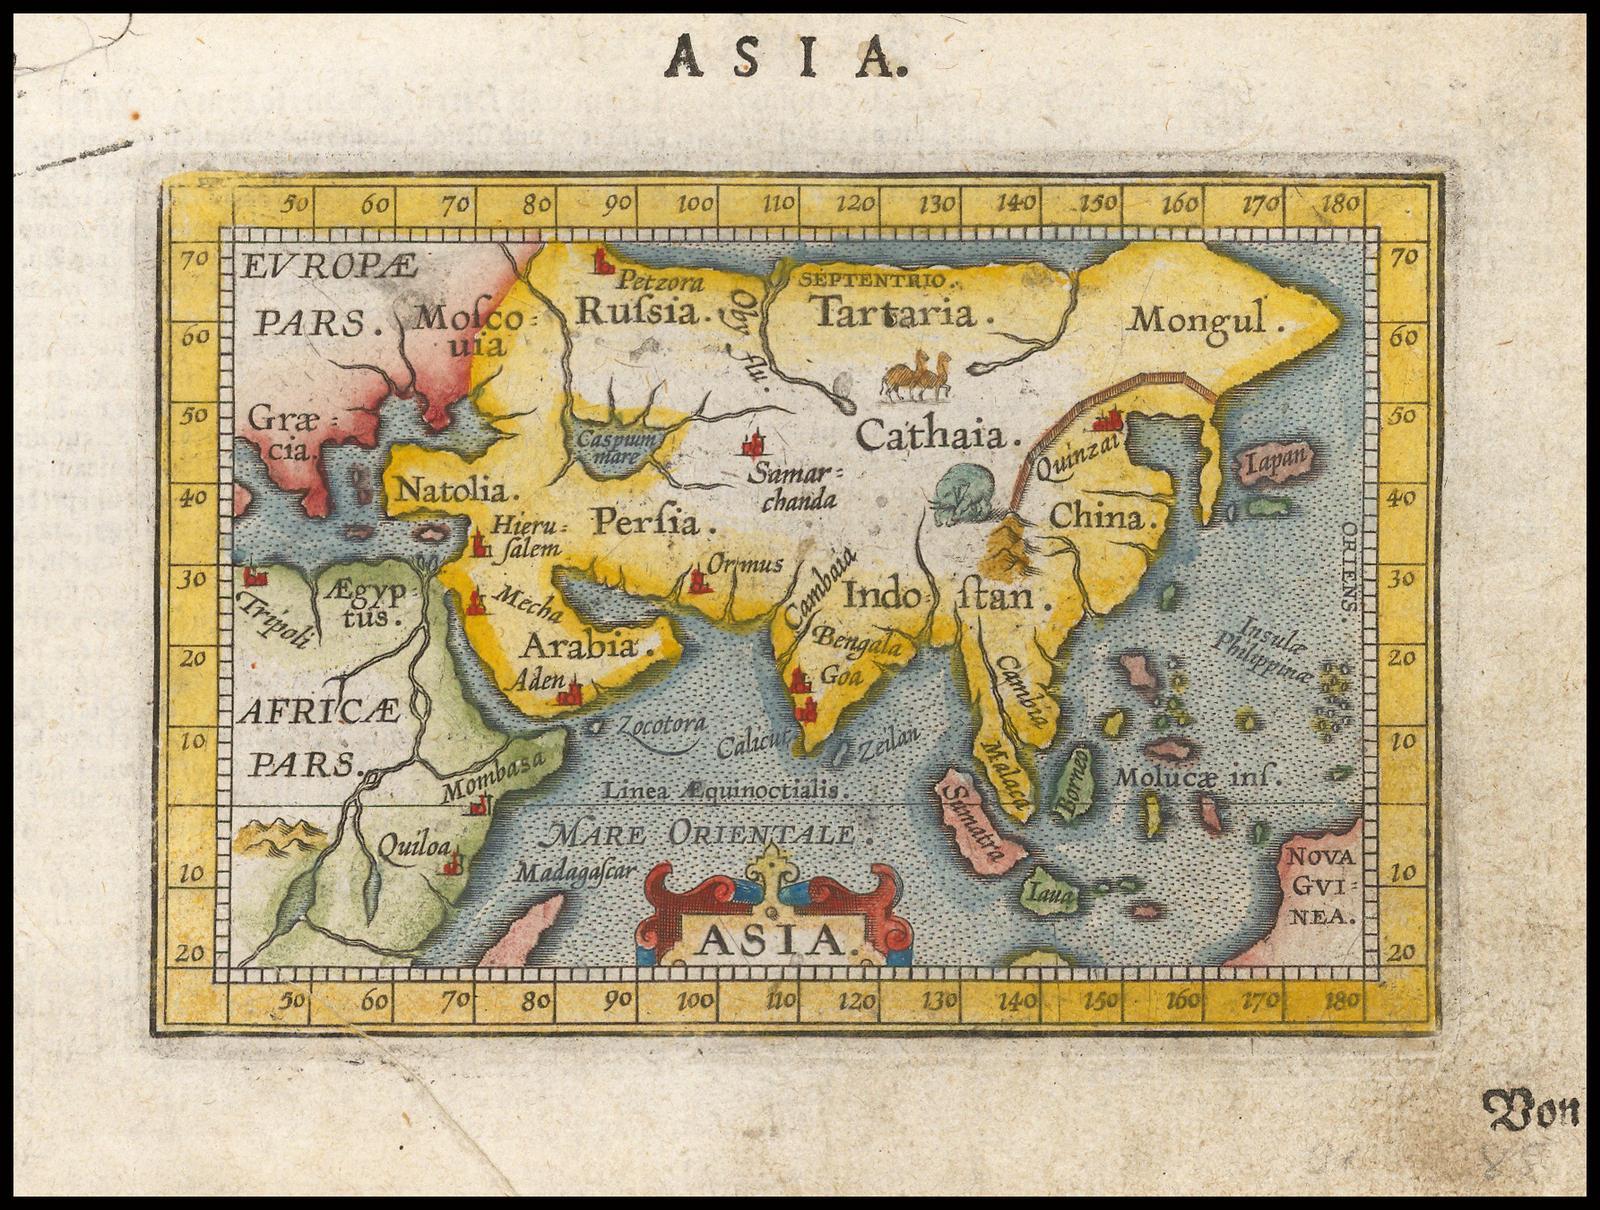 Миниатюрная карта Азии Ортелия из первого издания Эпитомия, опубликованная Джованни Баттиста Вриентсом